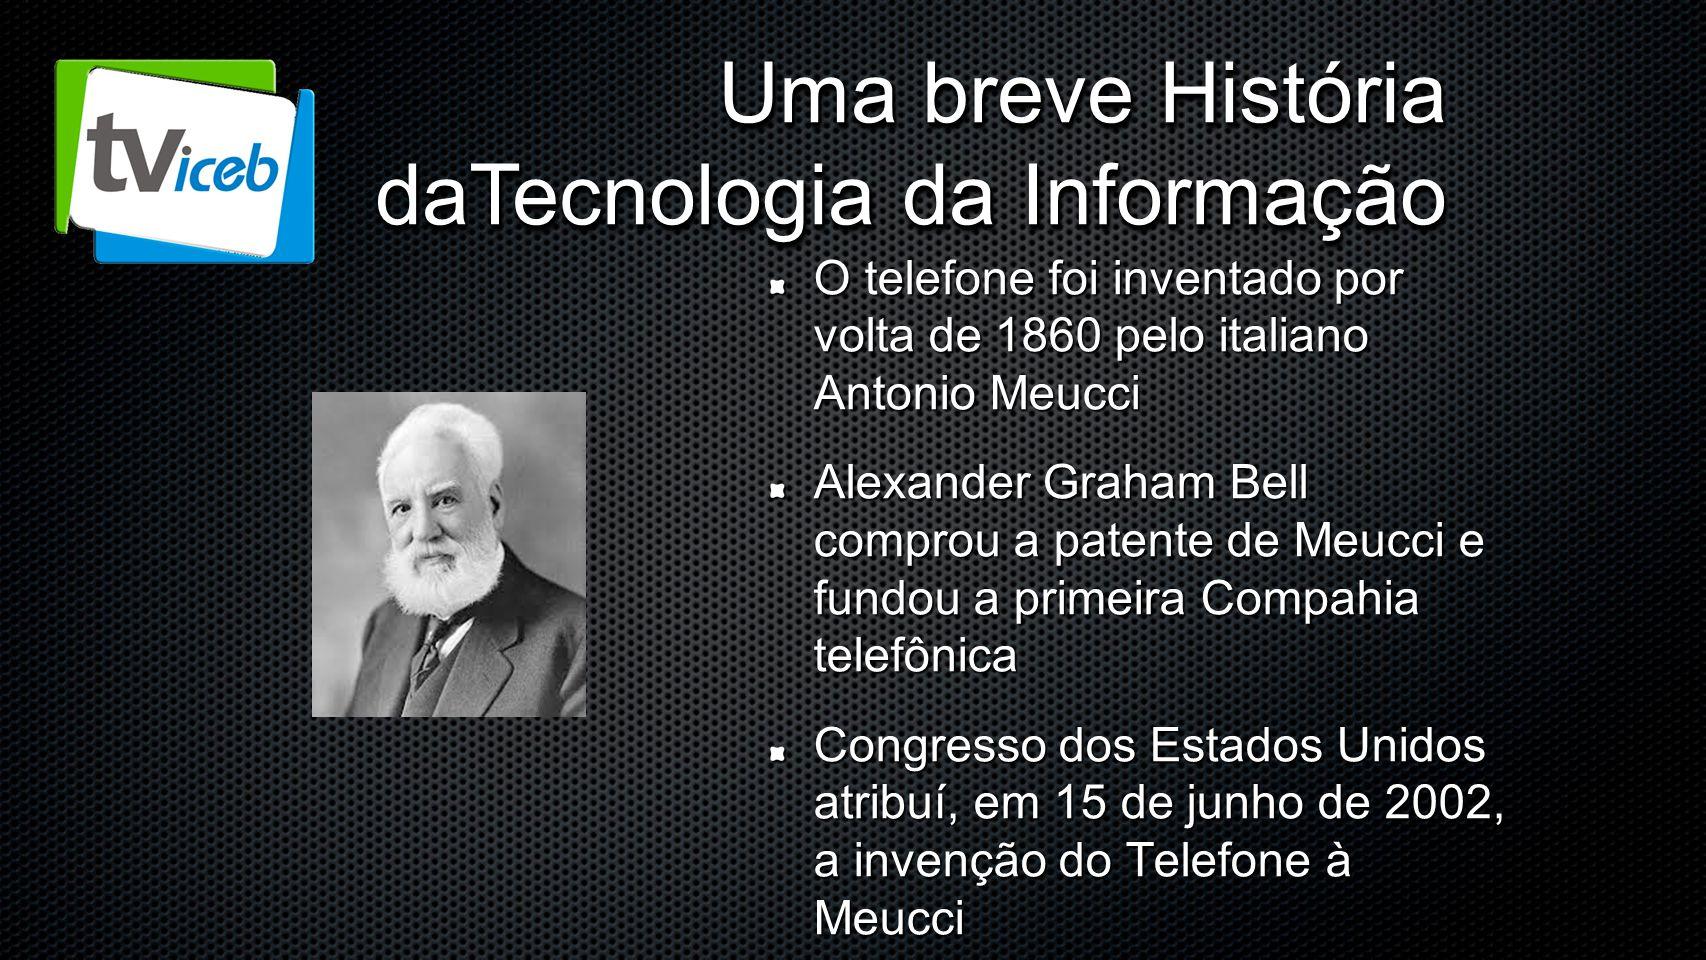 Uma breve História daTecnologia da Informação O telefone foi inventado por volta de 1860 pelo italiano Antonio Meucci Alexander Graham Bell comprou a